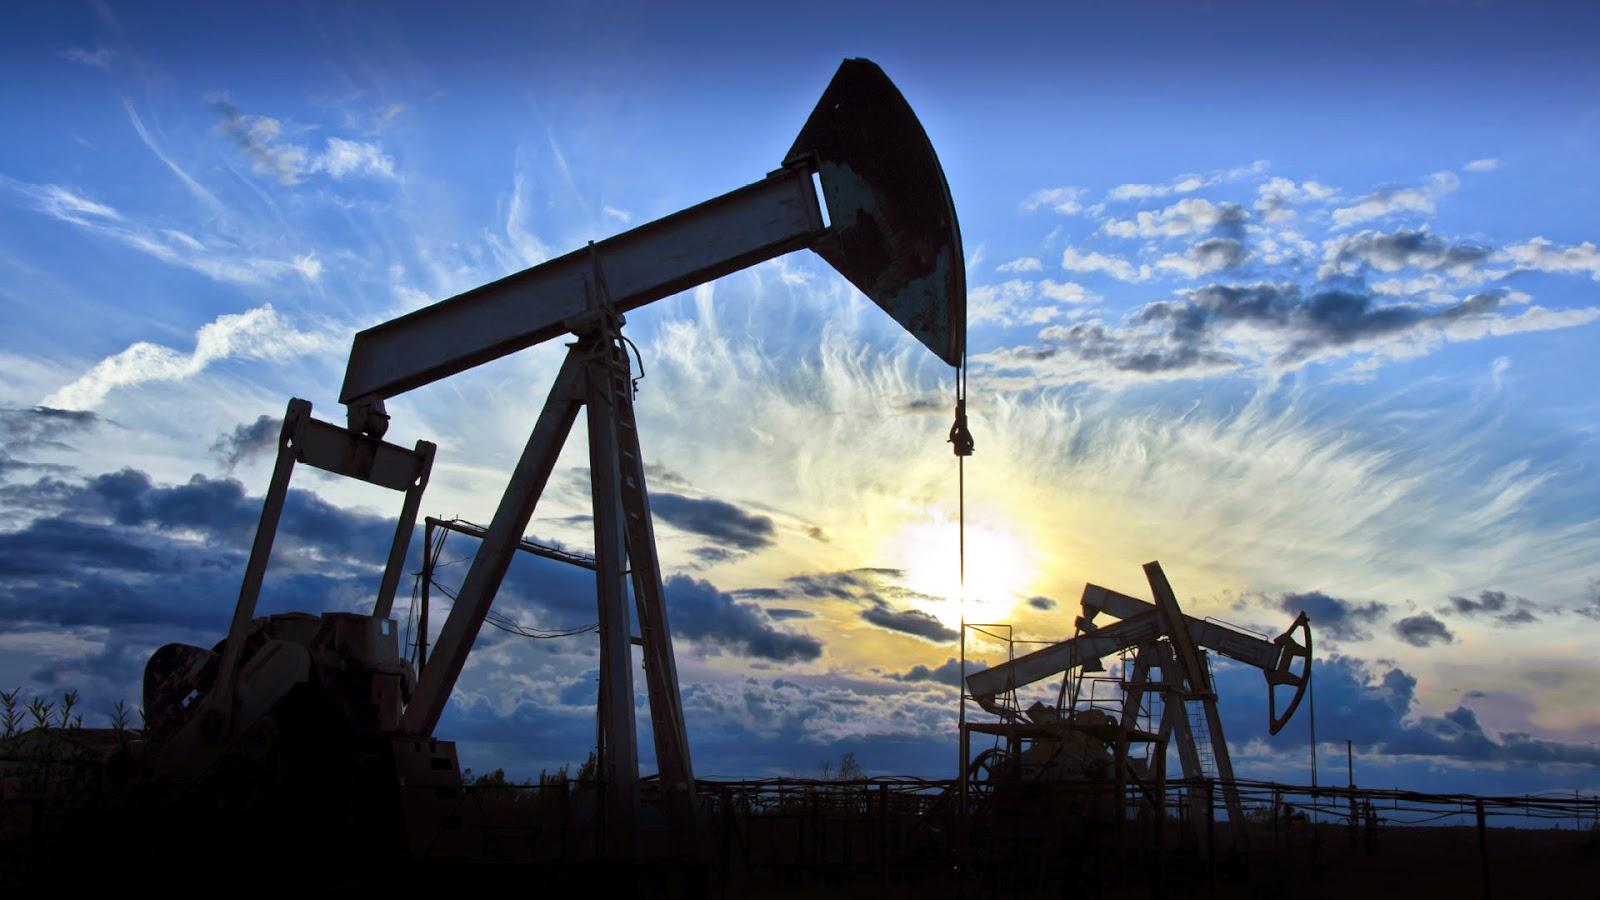 شركات النفط الأمريكية ترفع عدد الحفارات للأسبوع الرابع على التوالي